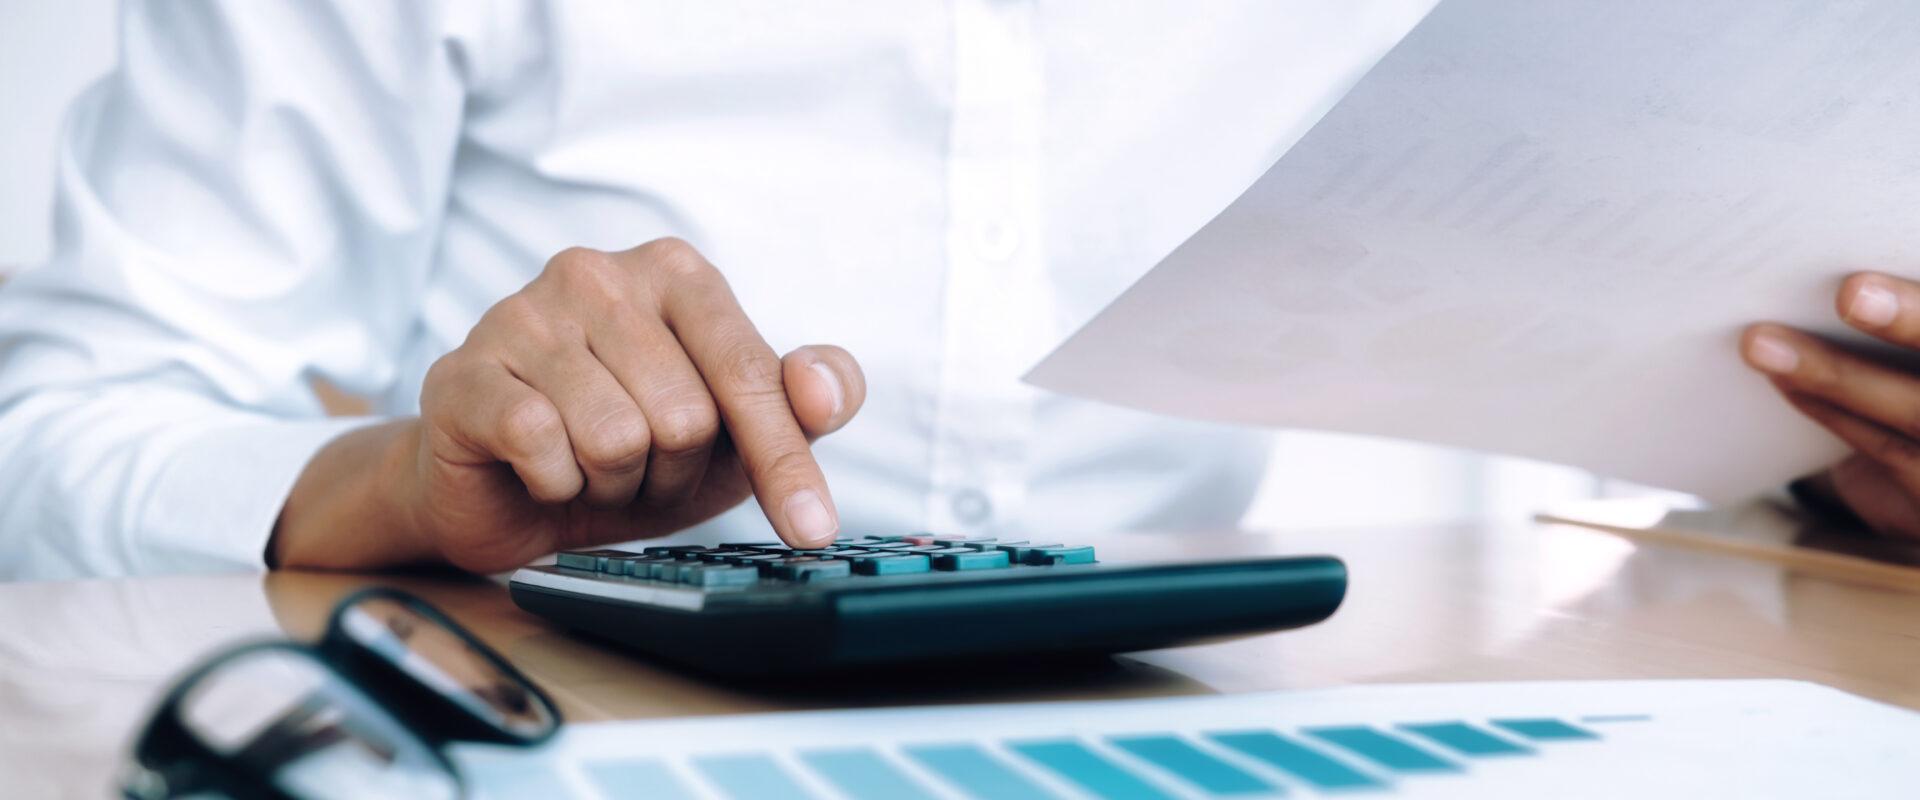 Wettelijk minimum lonen per juli 2019